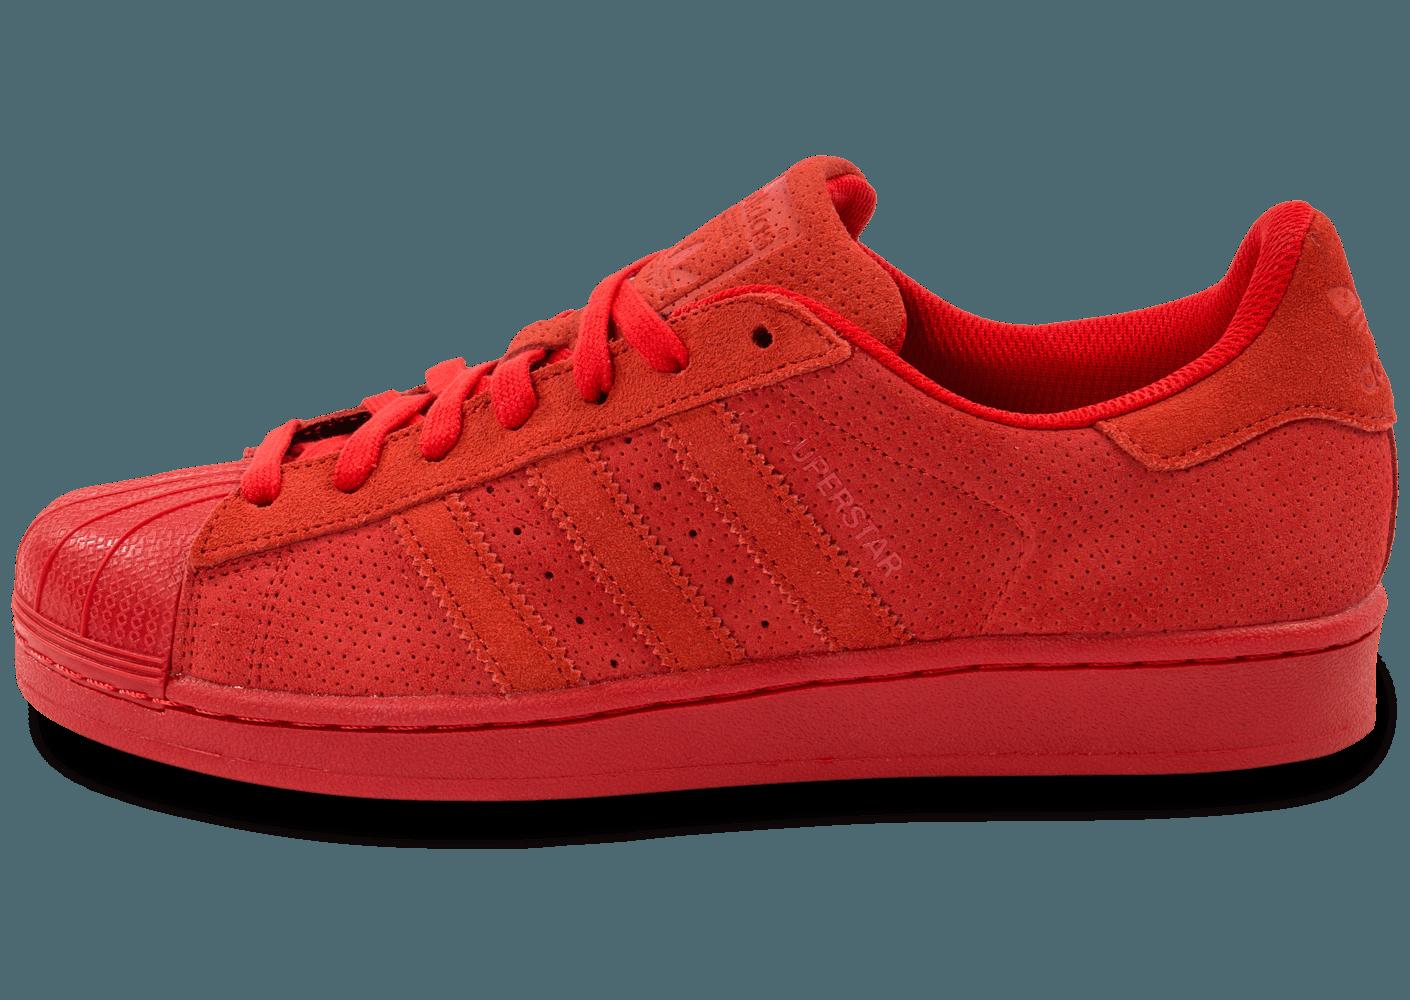 la moitié 44ecd 905a8 adidas superstar daim rouge